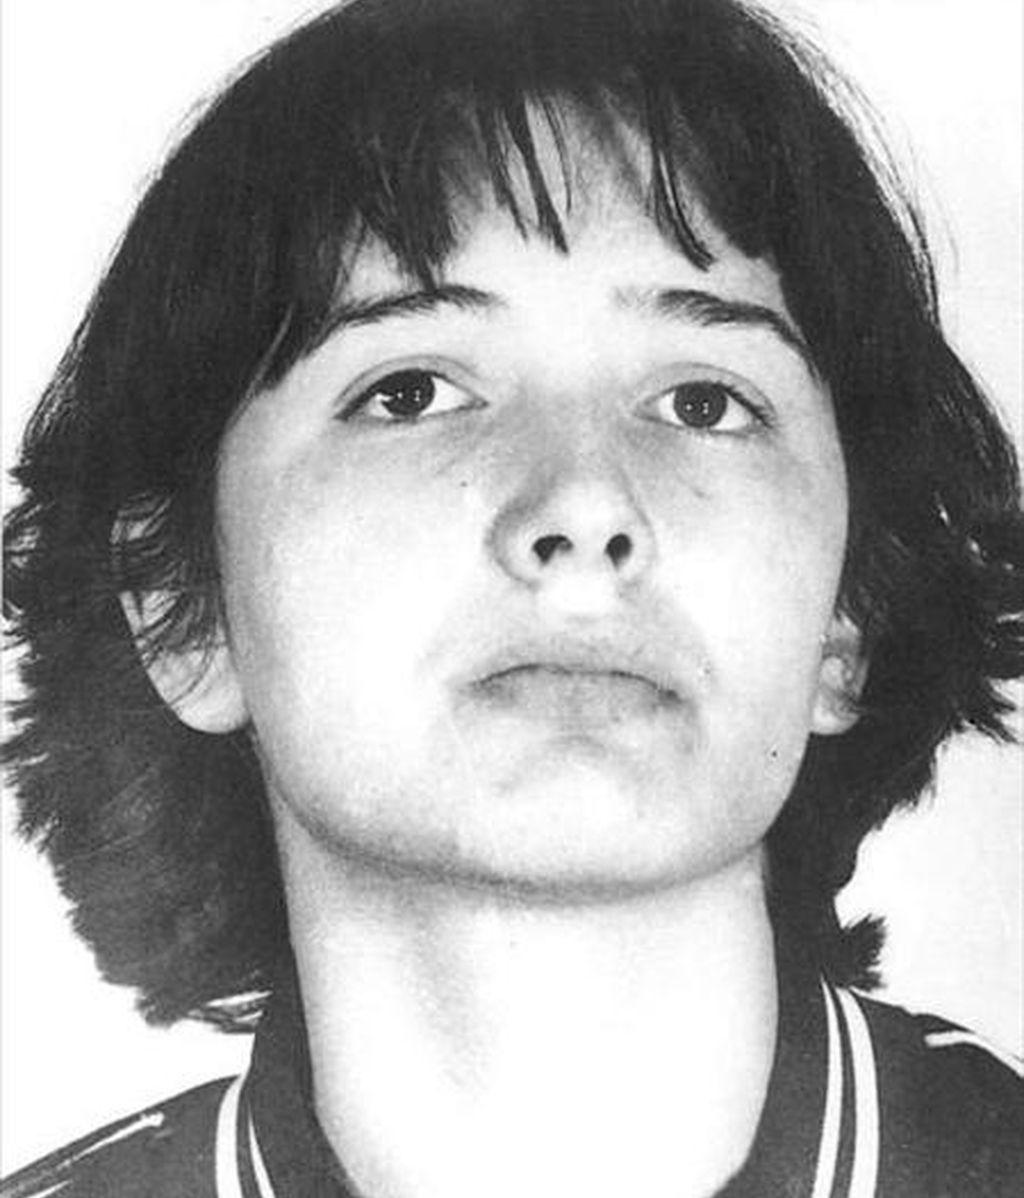 """La etarra María Soledad Iparraguirre, """"Anboto"""", era responsable financiera de la organización terrorista y """"se encargaba de la extorsión de fondos"""" a empresarios vascos para cobrar el llamado """"impuesto revolucionario"""", explicó hoy el capitán de la policía antiterrorista francesa Stéphane Durey. EFE/Archivo"""